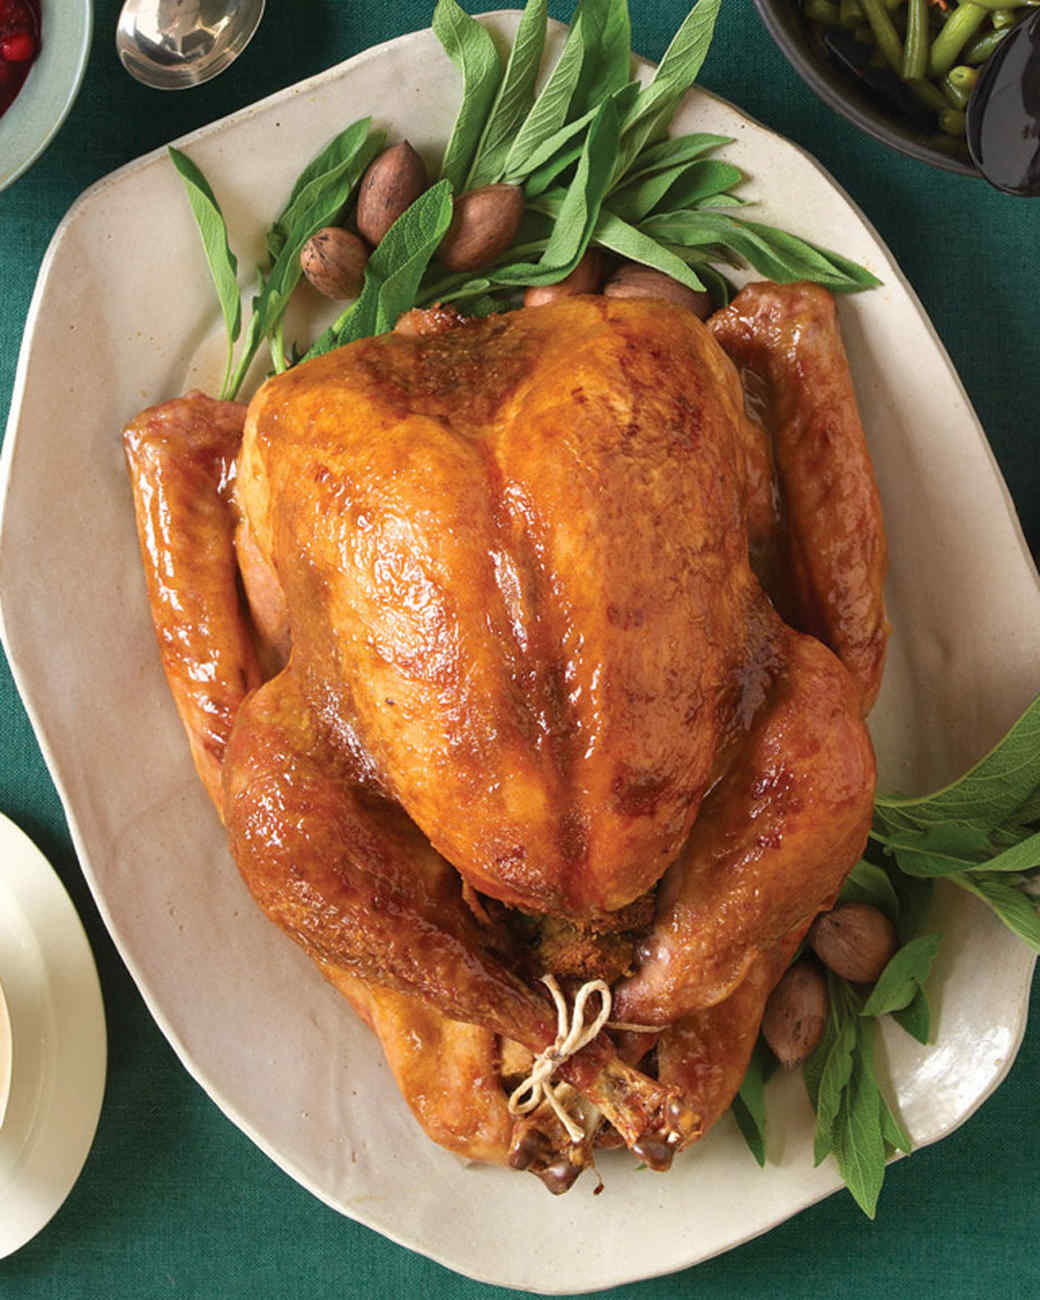 ed104169_1108_roast_turk.jpg